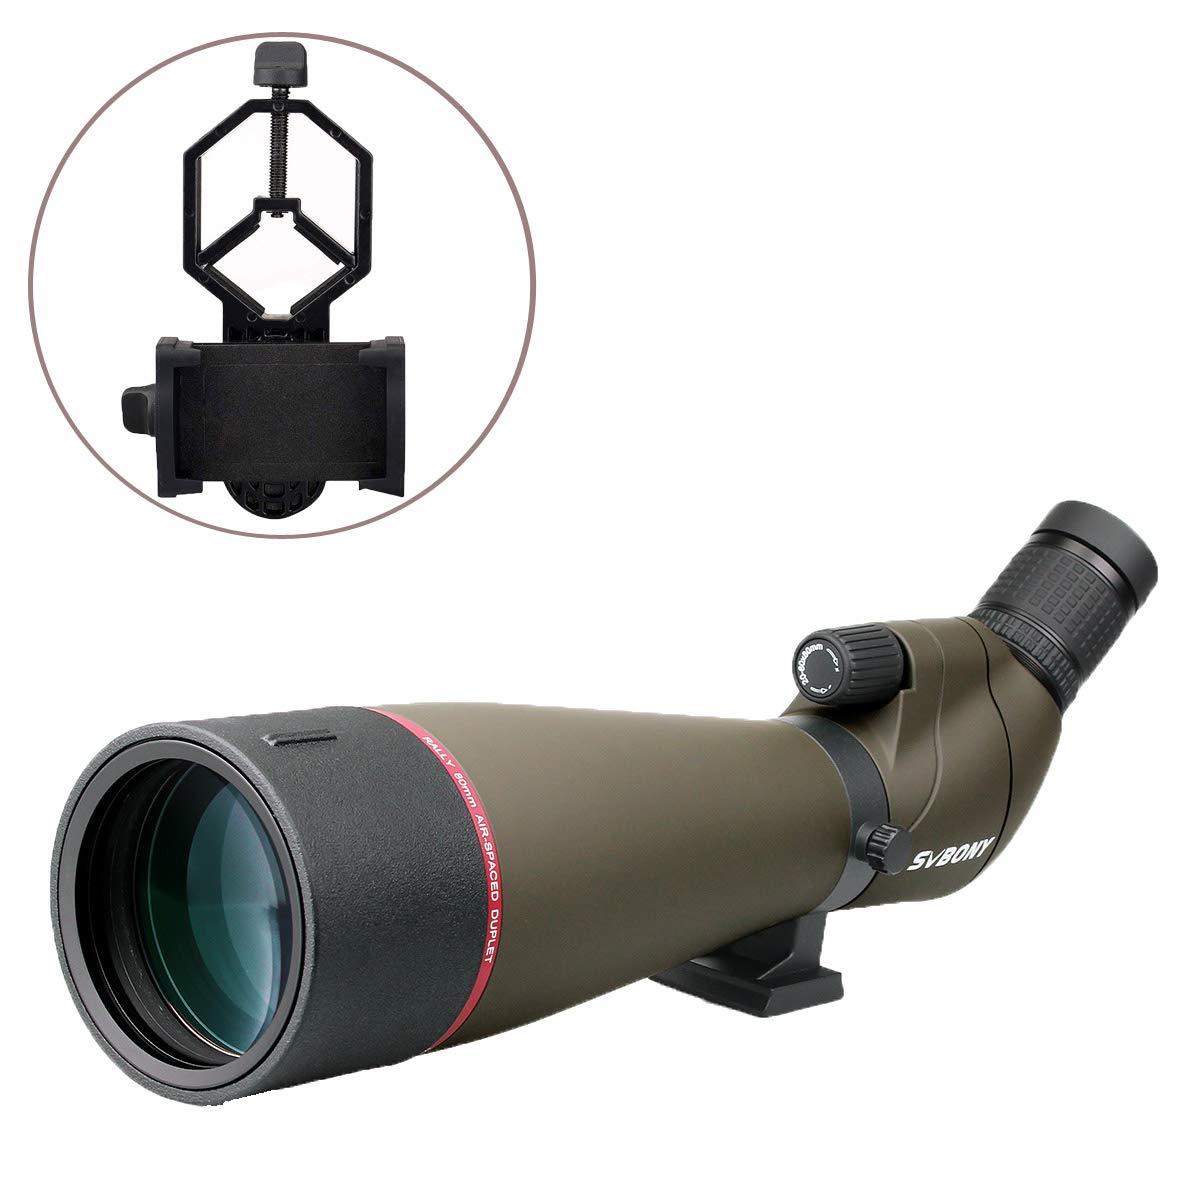 Svbony SV13 Telescopio Terrestre 20-60x65 Impermeable con Adaptador de Móvil Zoom Spotting Scope Lente óptica Recubierta MC Refractor 45° Angulo de visión EUF9314AA-W2546A